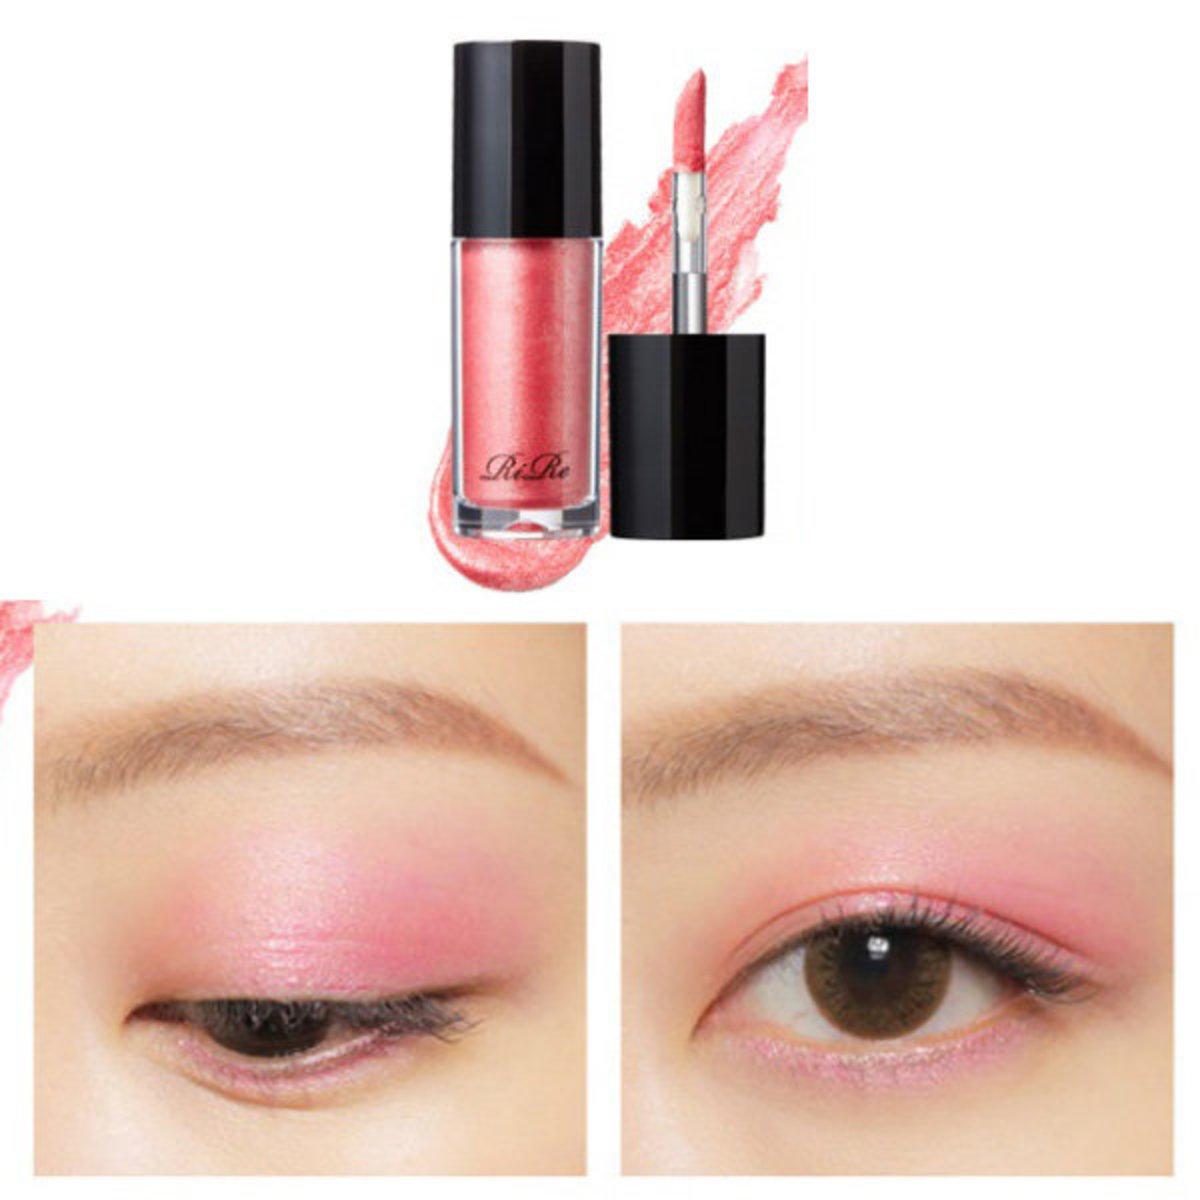 閃亮珠光眼影液 (2.Pink Dress)